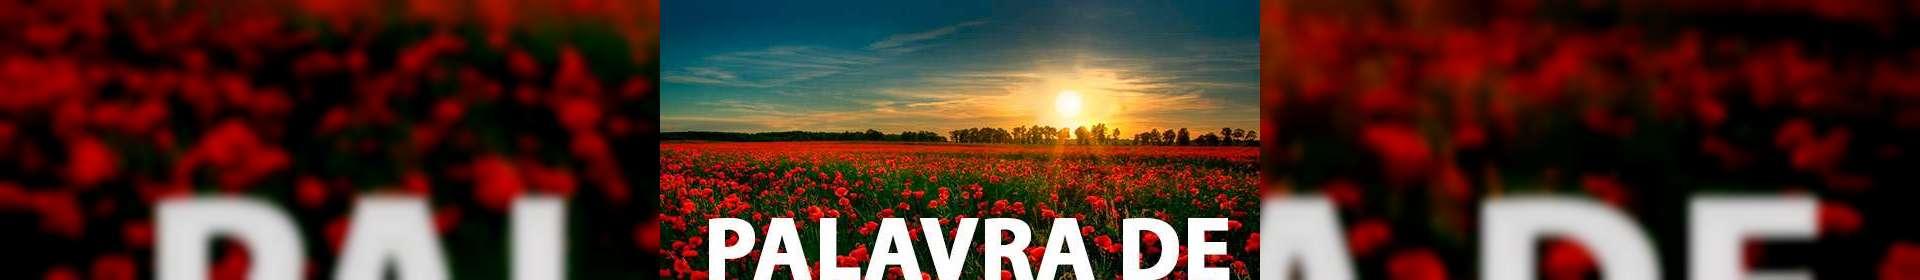 Isaías 48:17 - Uma Palavra de Esperança para sua vida